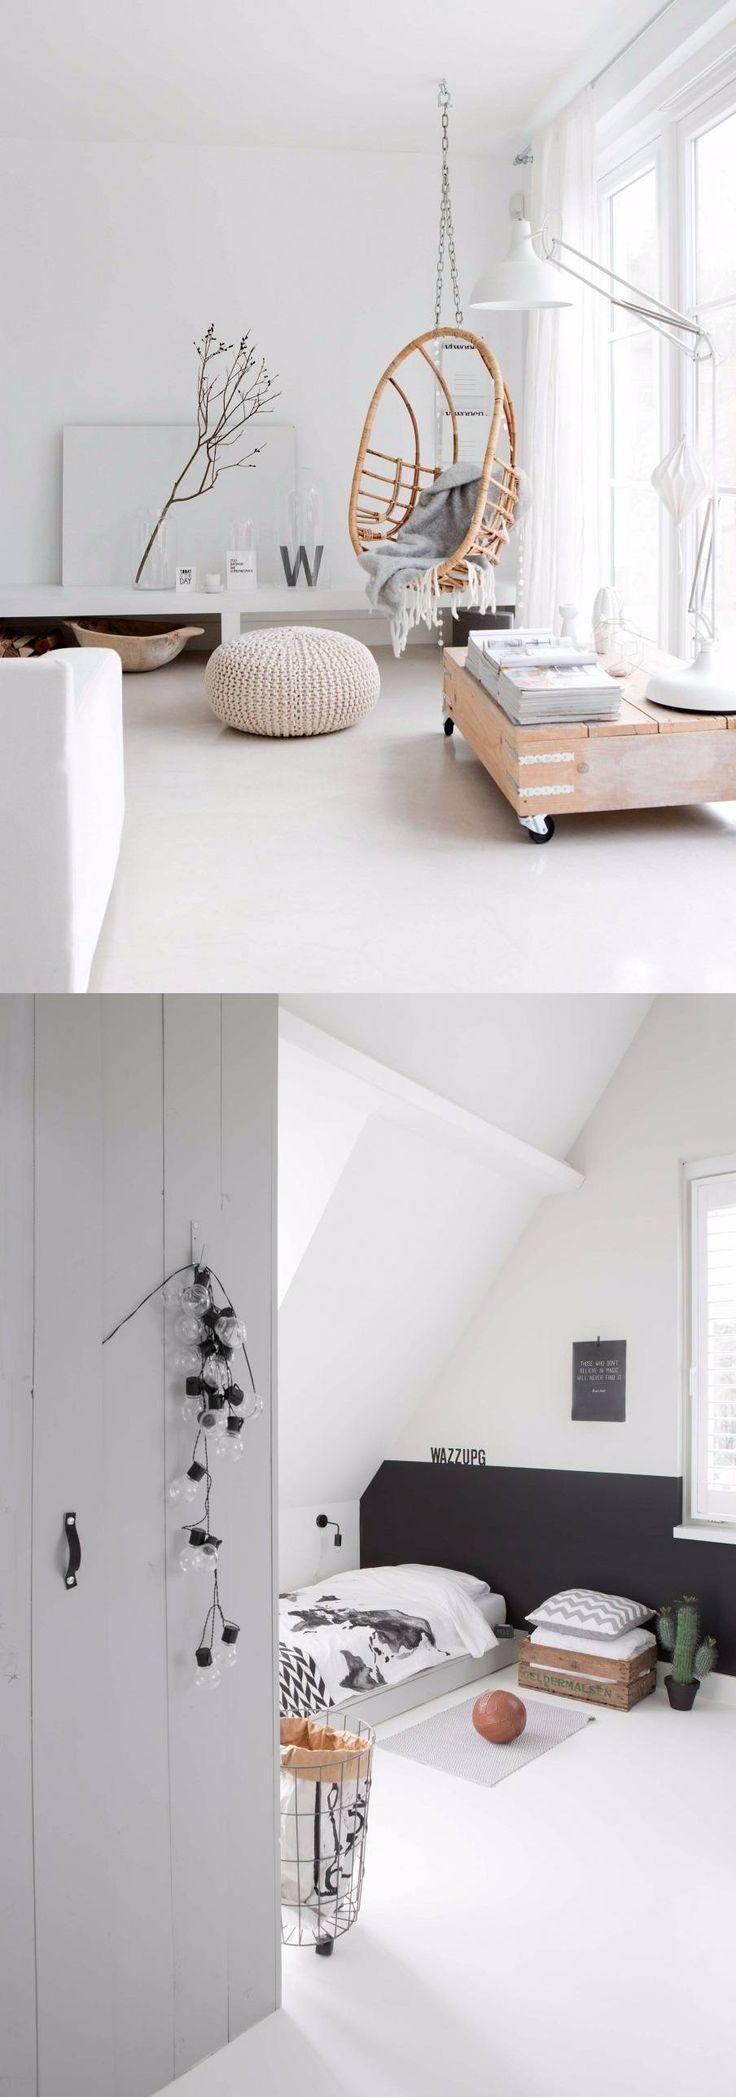 Tips para lograr un diseño nórdico / http://basillicana.tumblr.com/ - #decoracion #homedecor #muebles